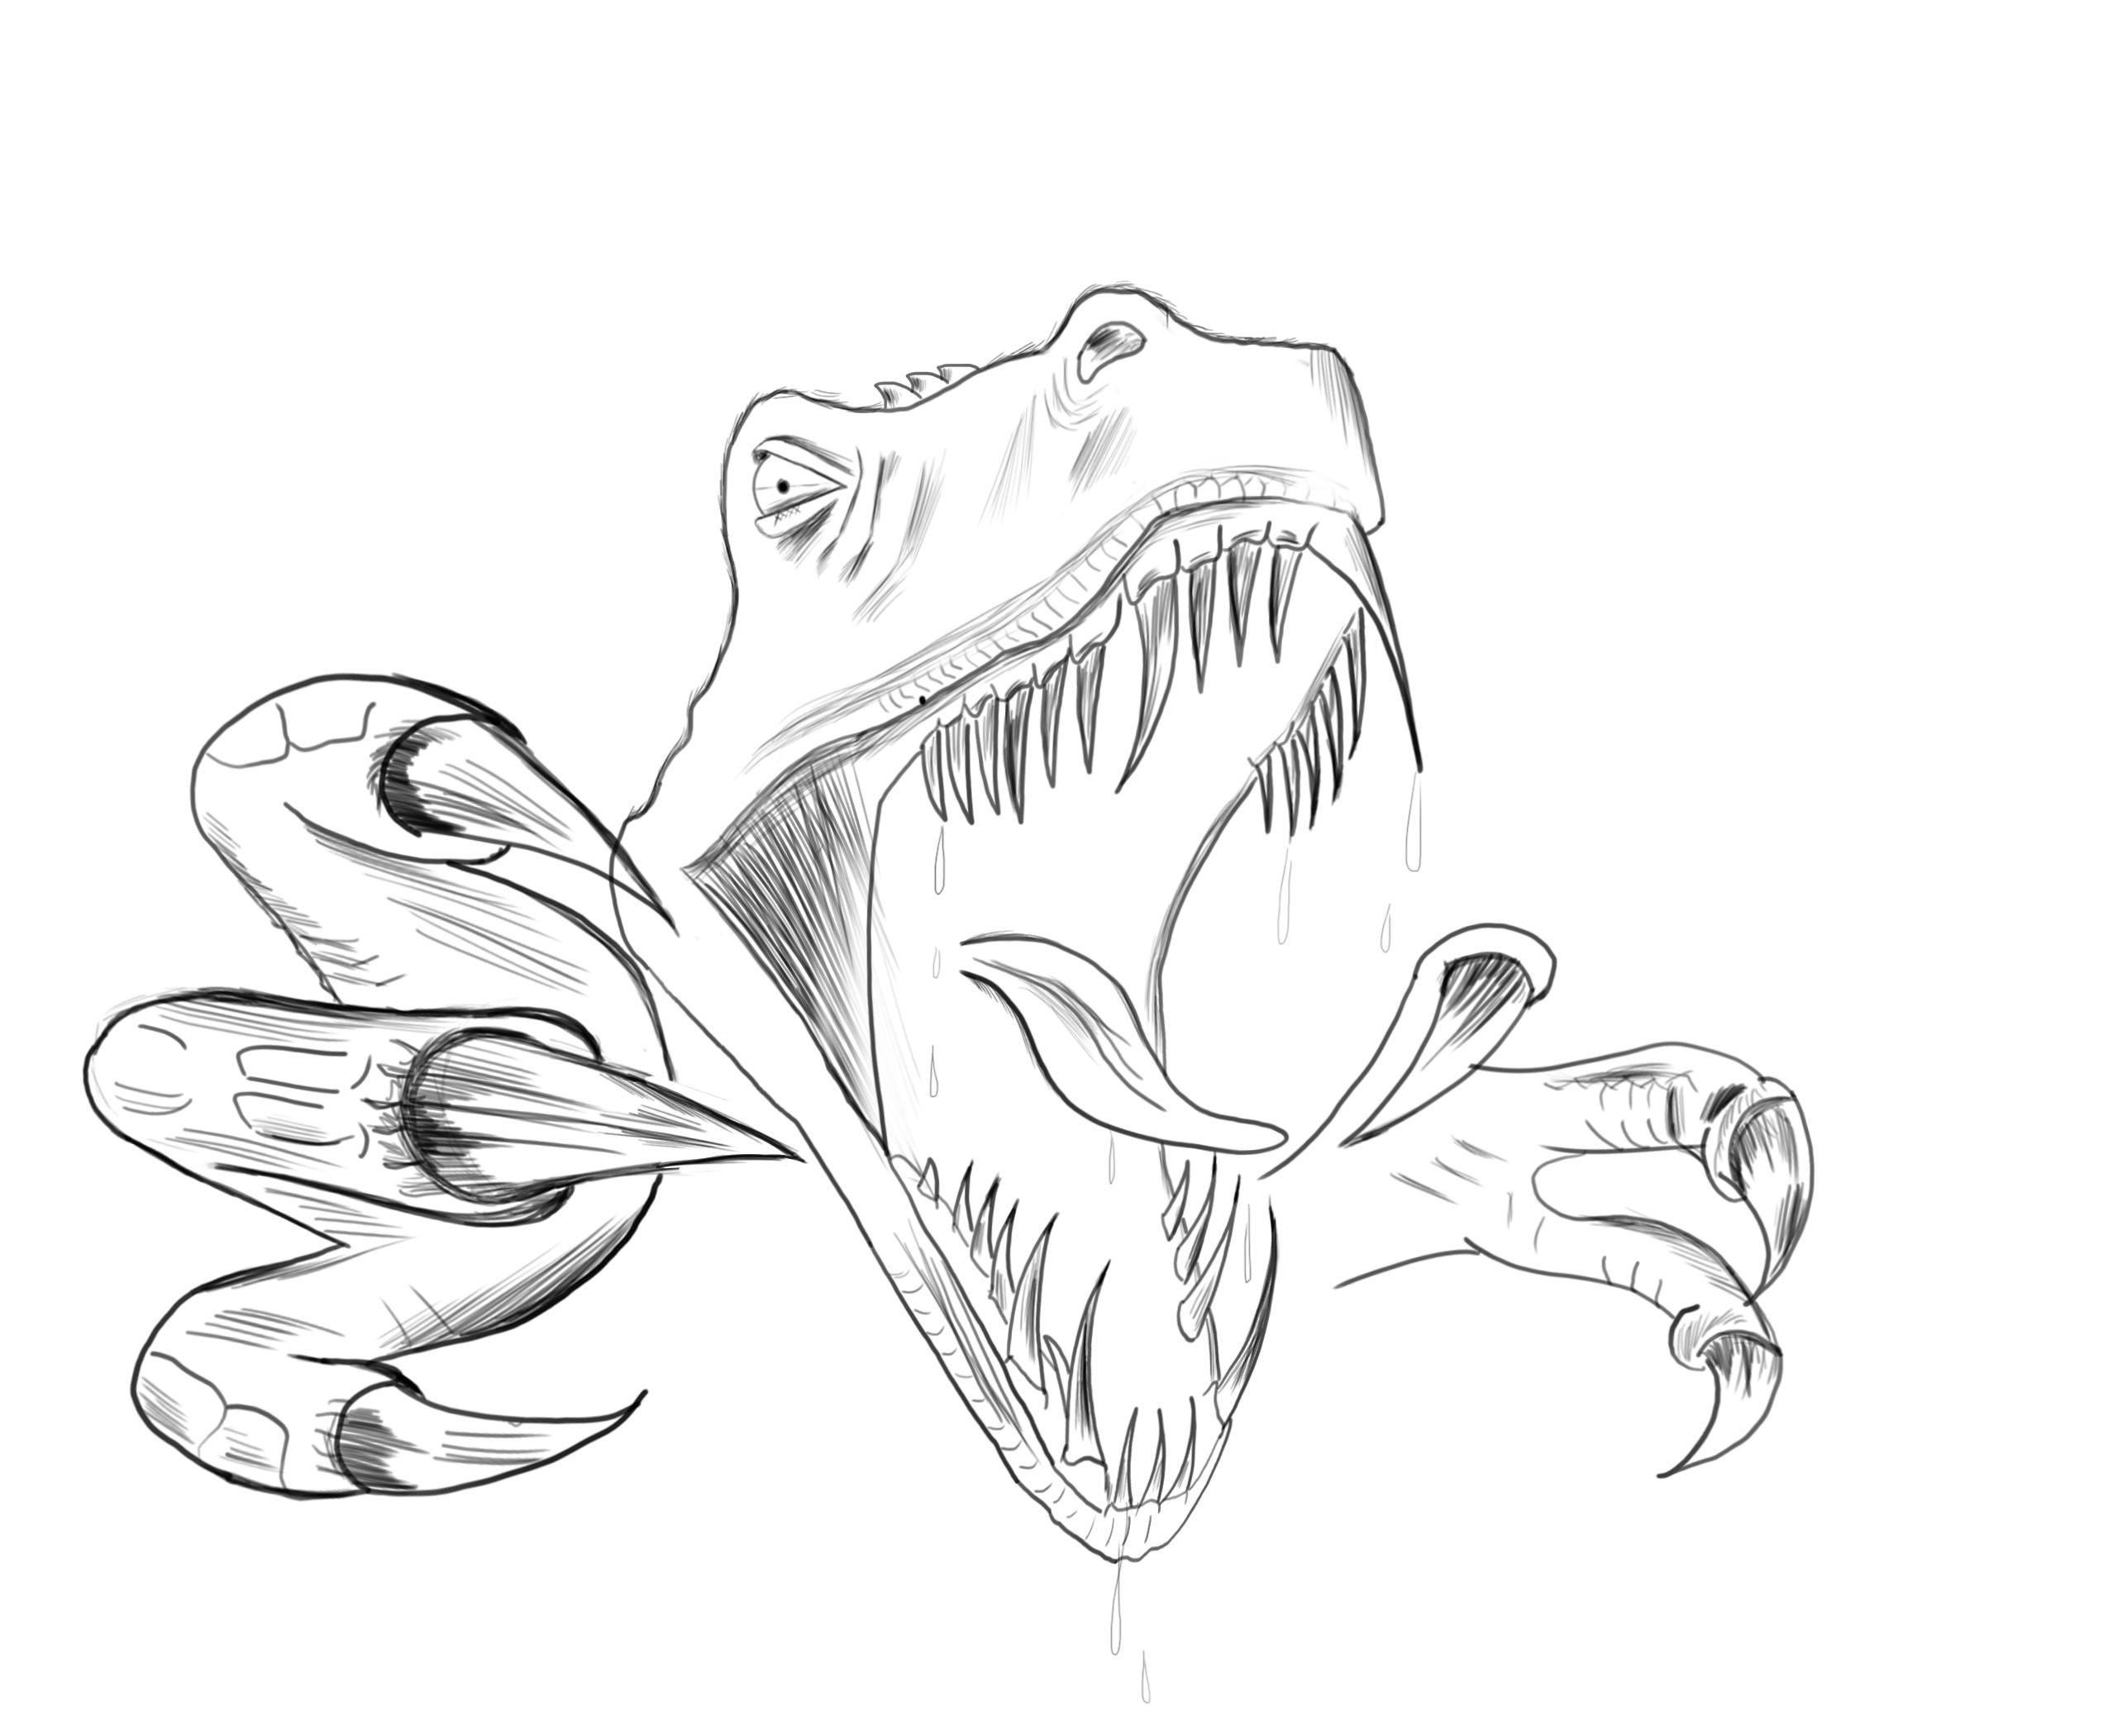 136 dessins de coloriage la cour de r cr imprimer - Tyrannosaure a colorier ...